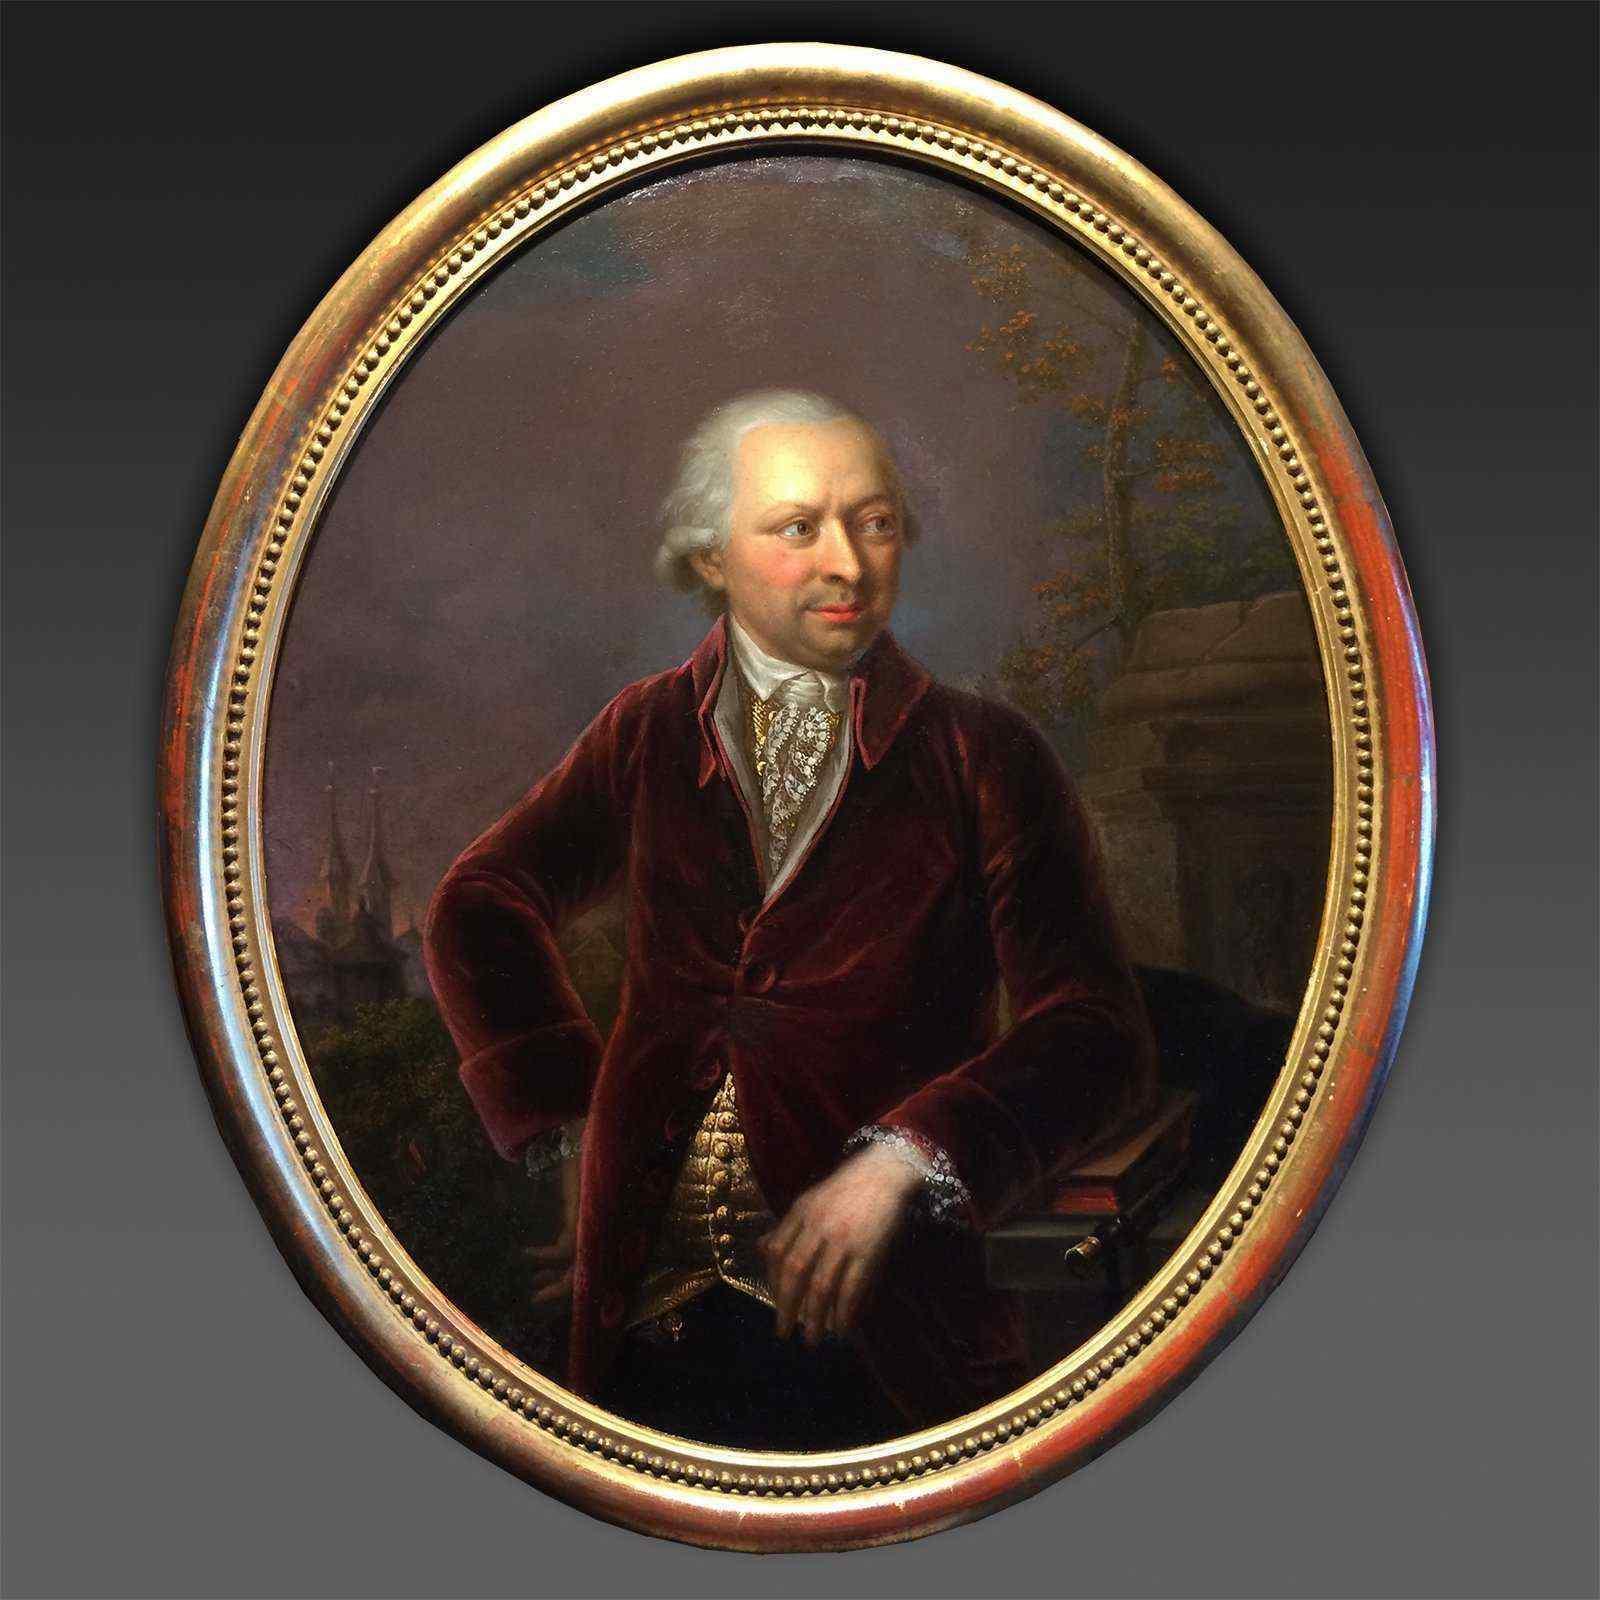 Ritratto di uomo - datato 1788, Gemalt von G. Zell